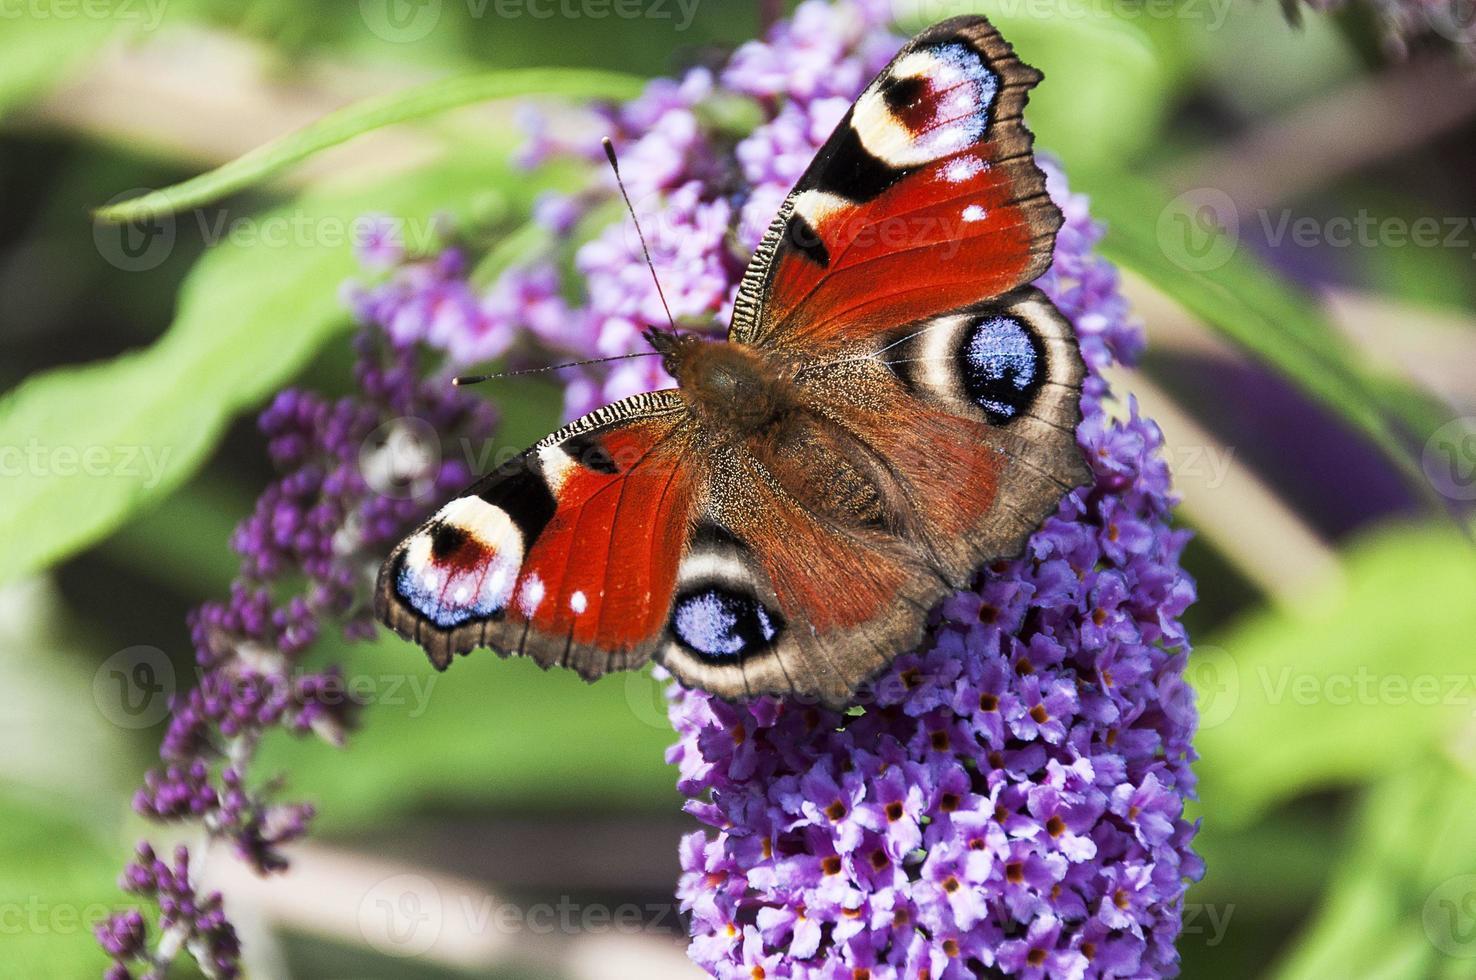 Pfau Schmetterling sitzt auf einem Zweig von Buddleia Blumen foto